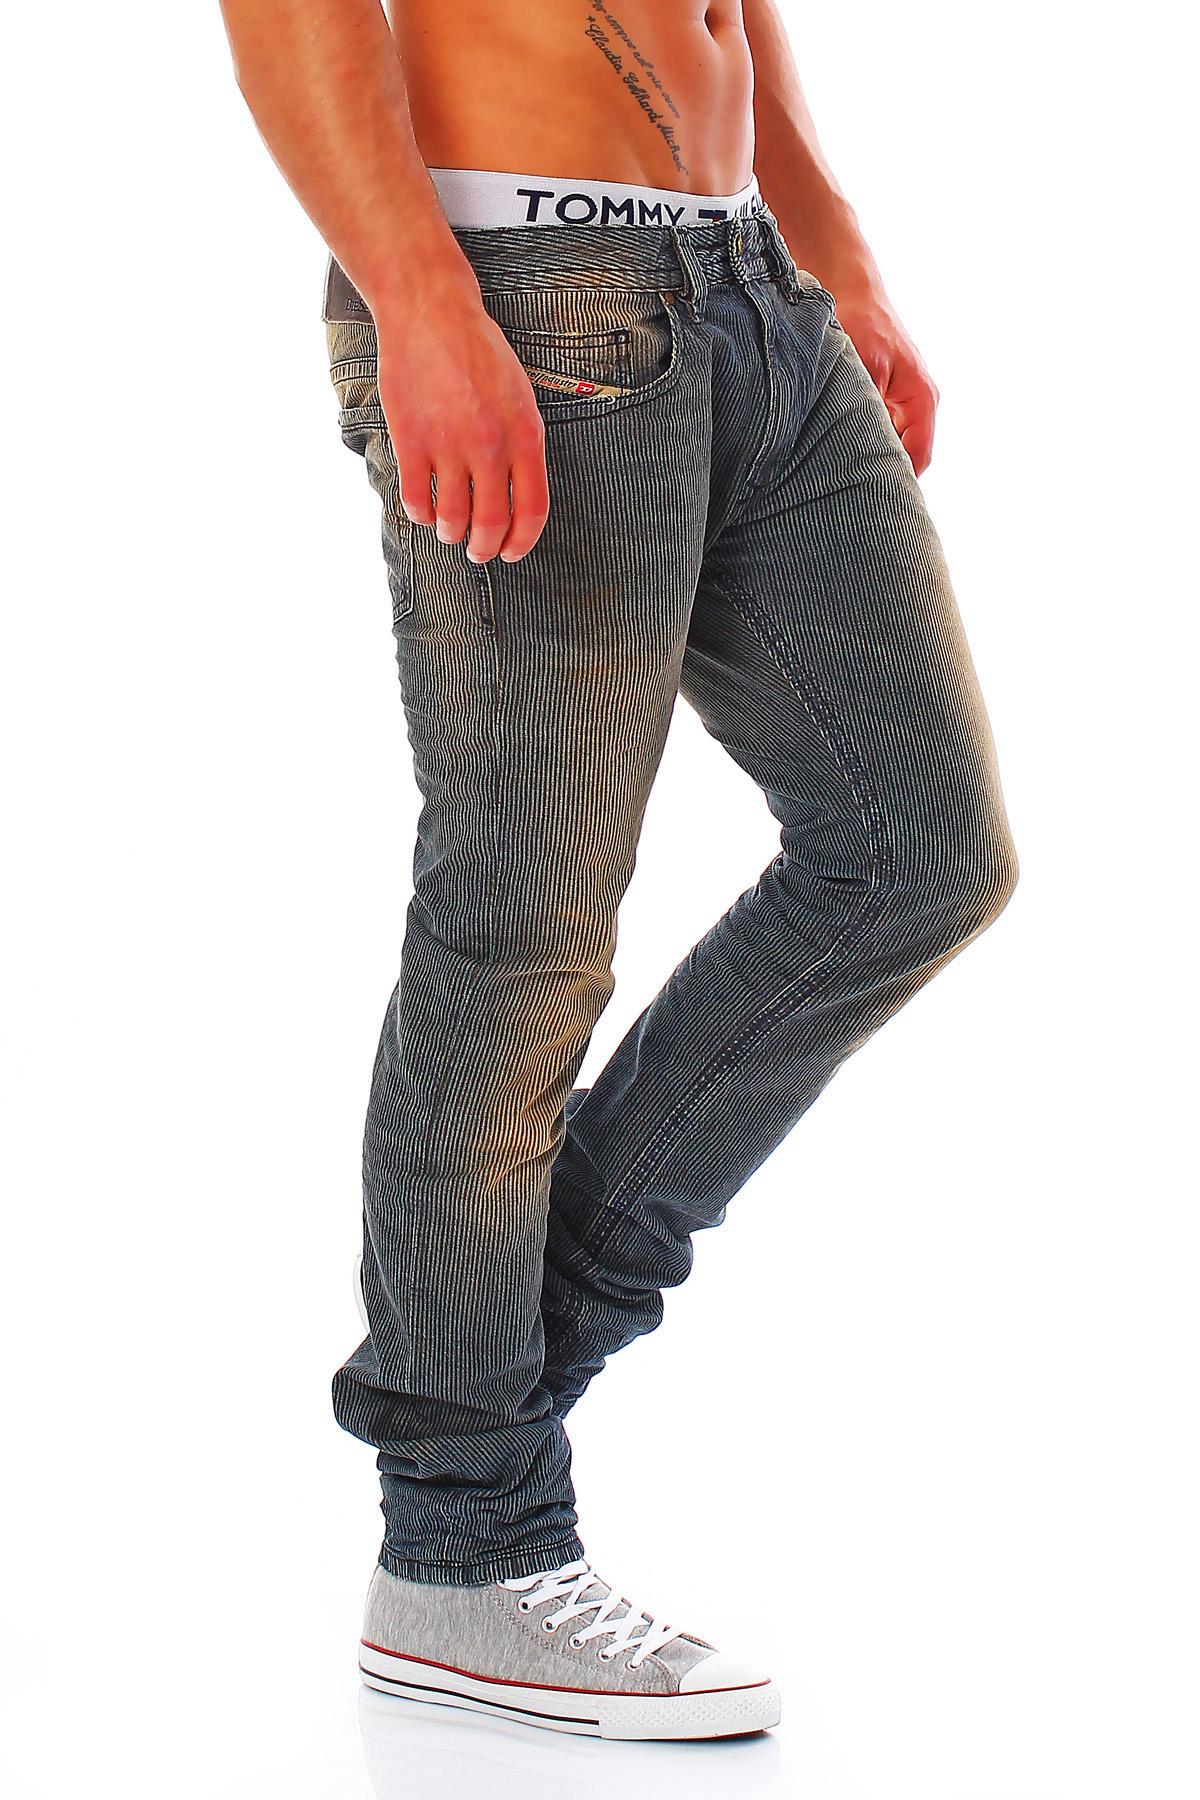 diesel jeans thavar 0810x 810x herren hose r hrenjeans neu. Black Bedroom Furniture Sets. Home Design Ideas